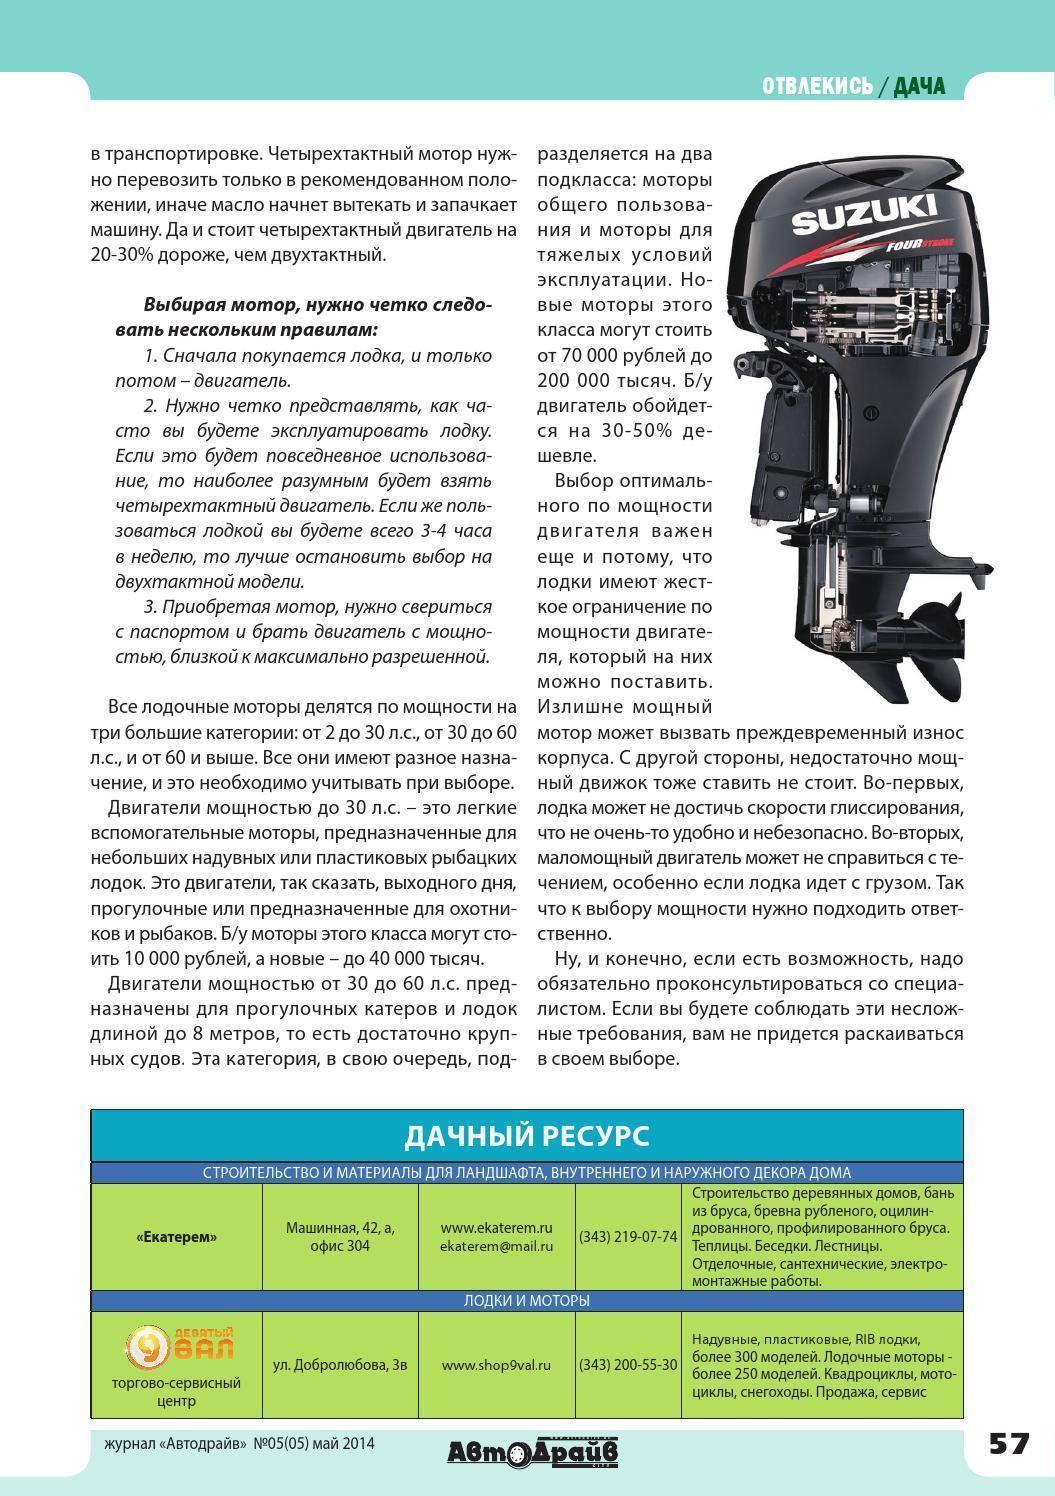 Рейтинг лодочных моторов - как выбрать лучший мотор